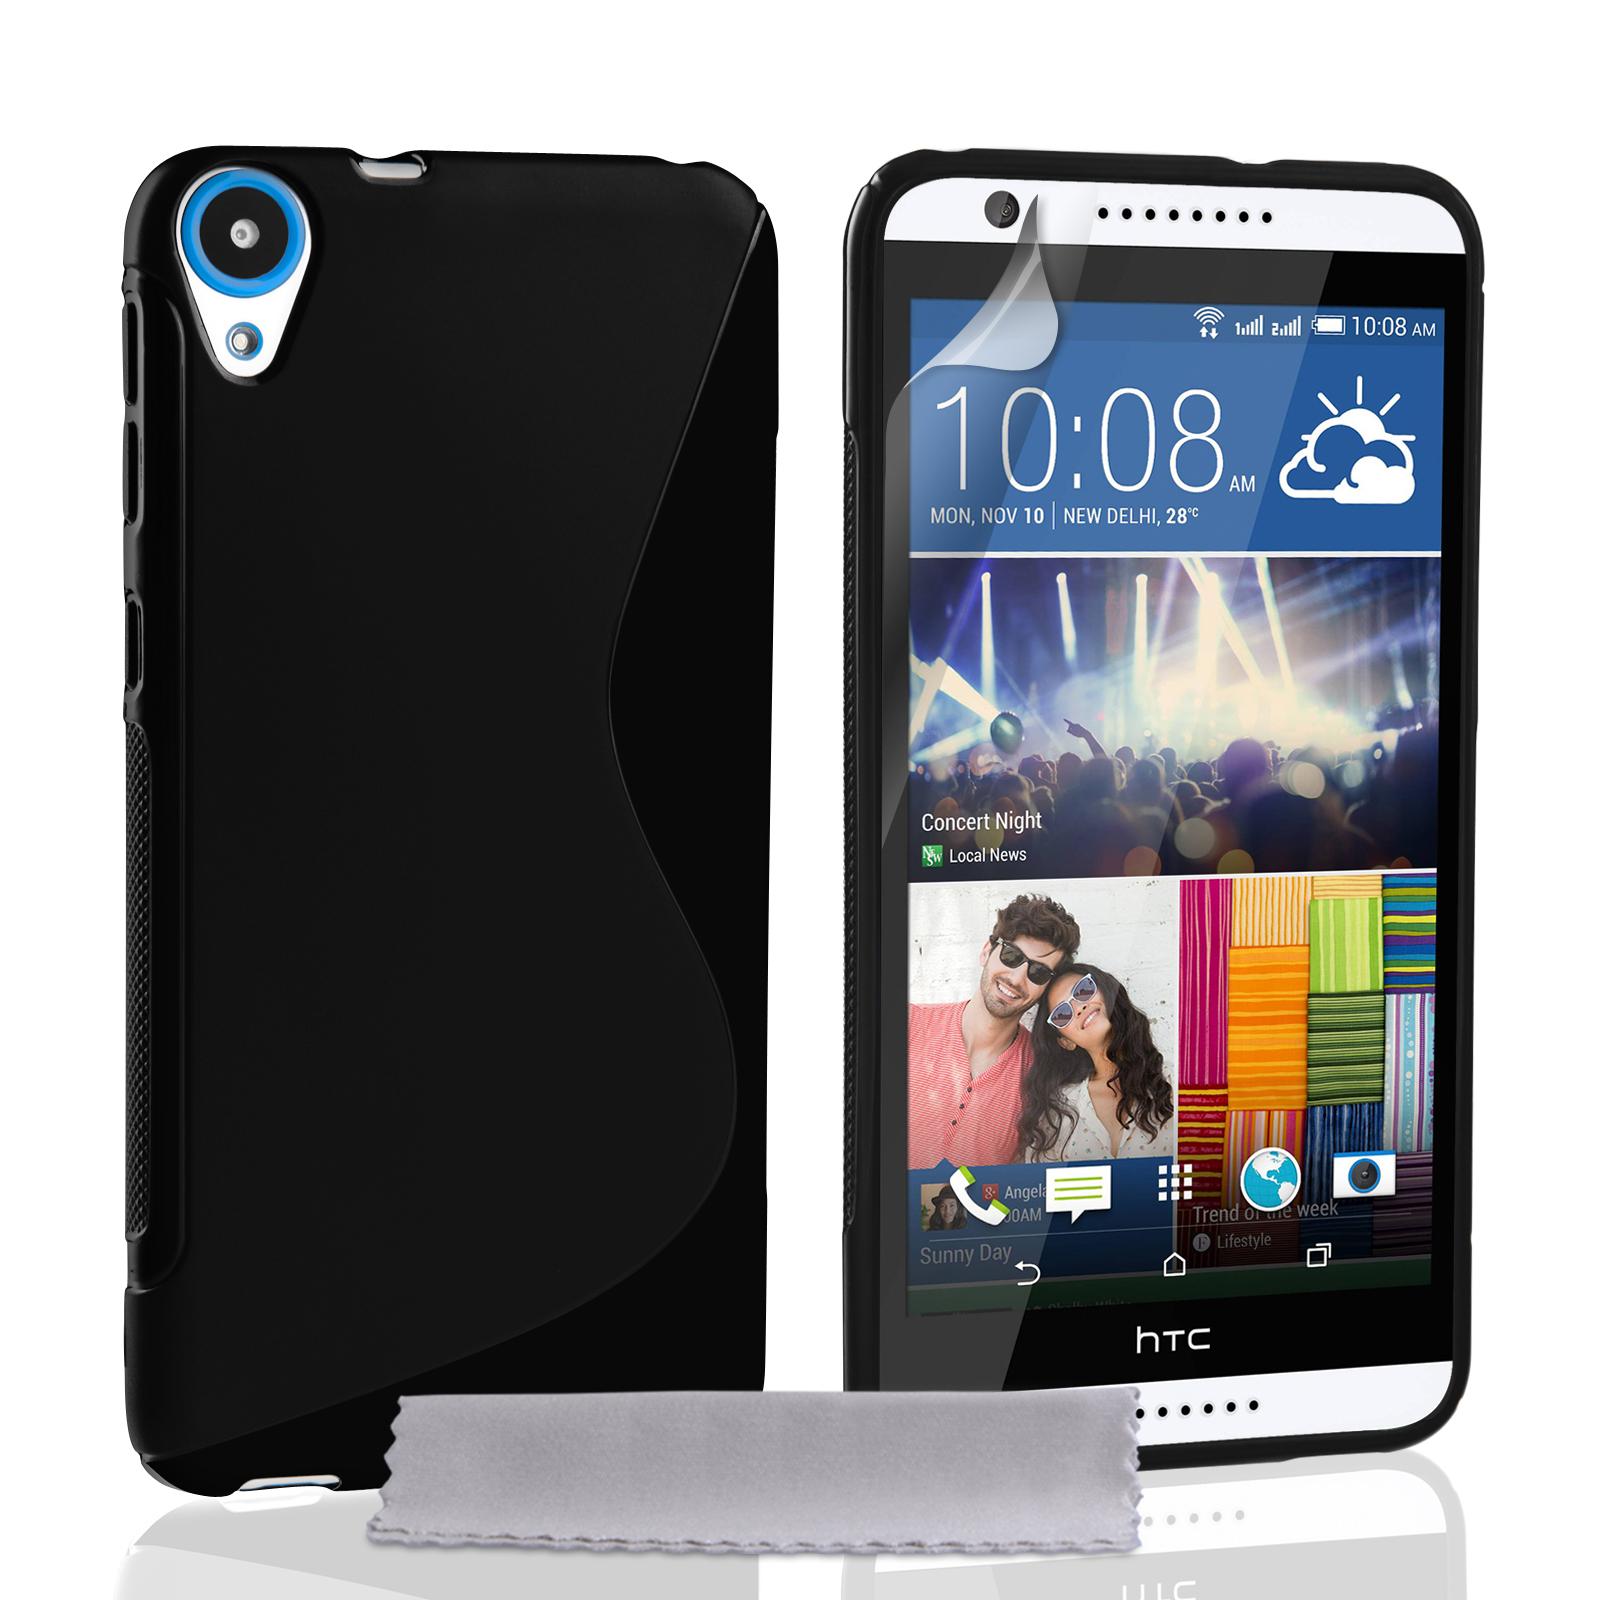 Θήκη HTC Desire 820 by Caseflex (Z558) θήκες κινητών